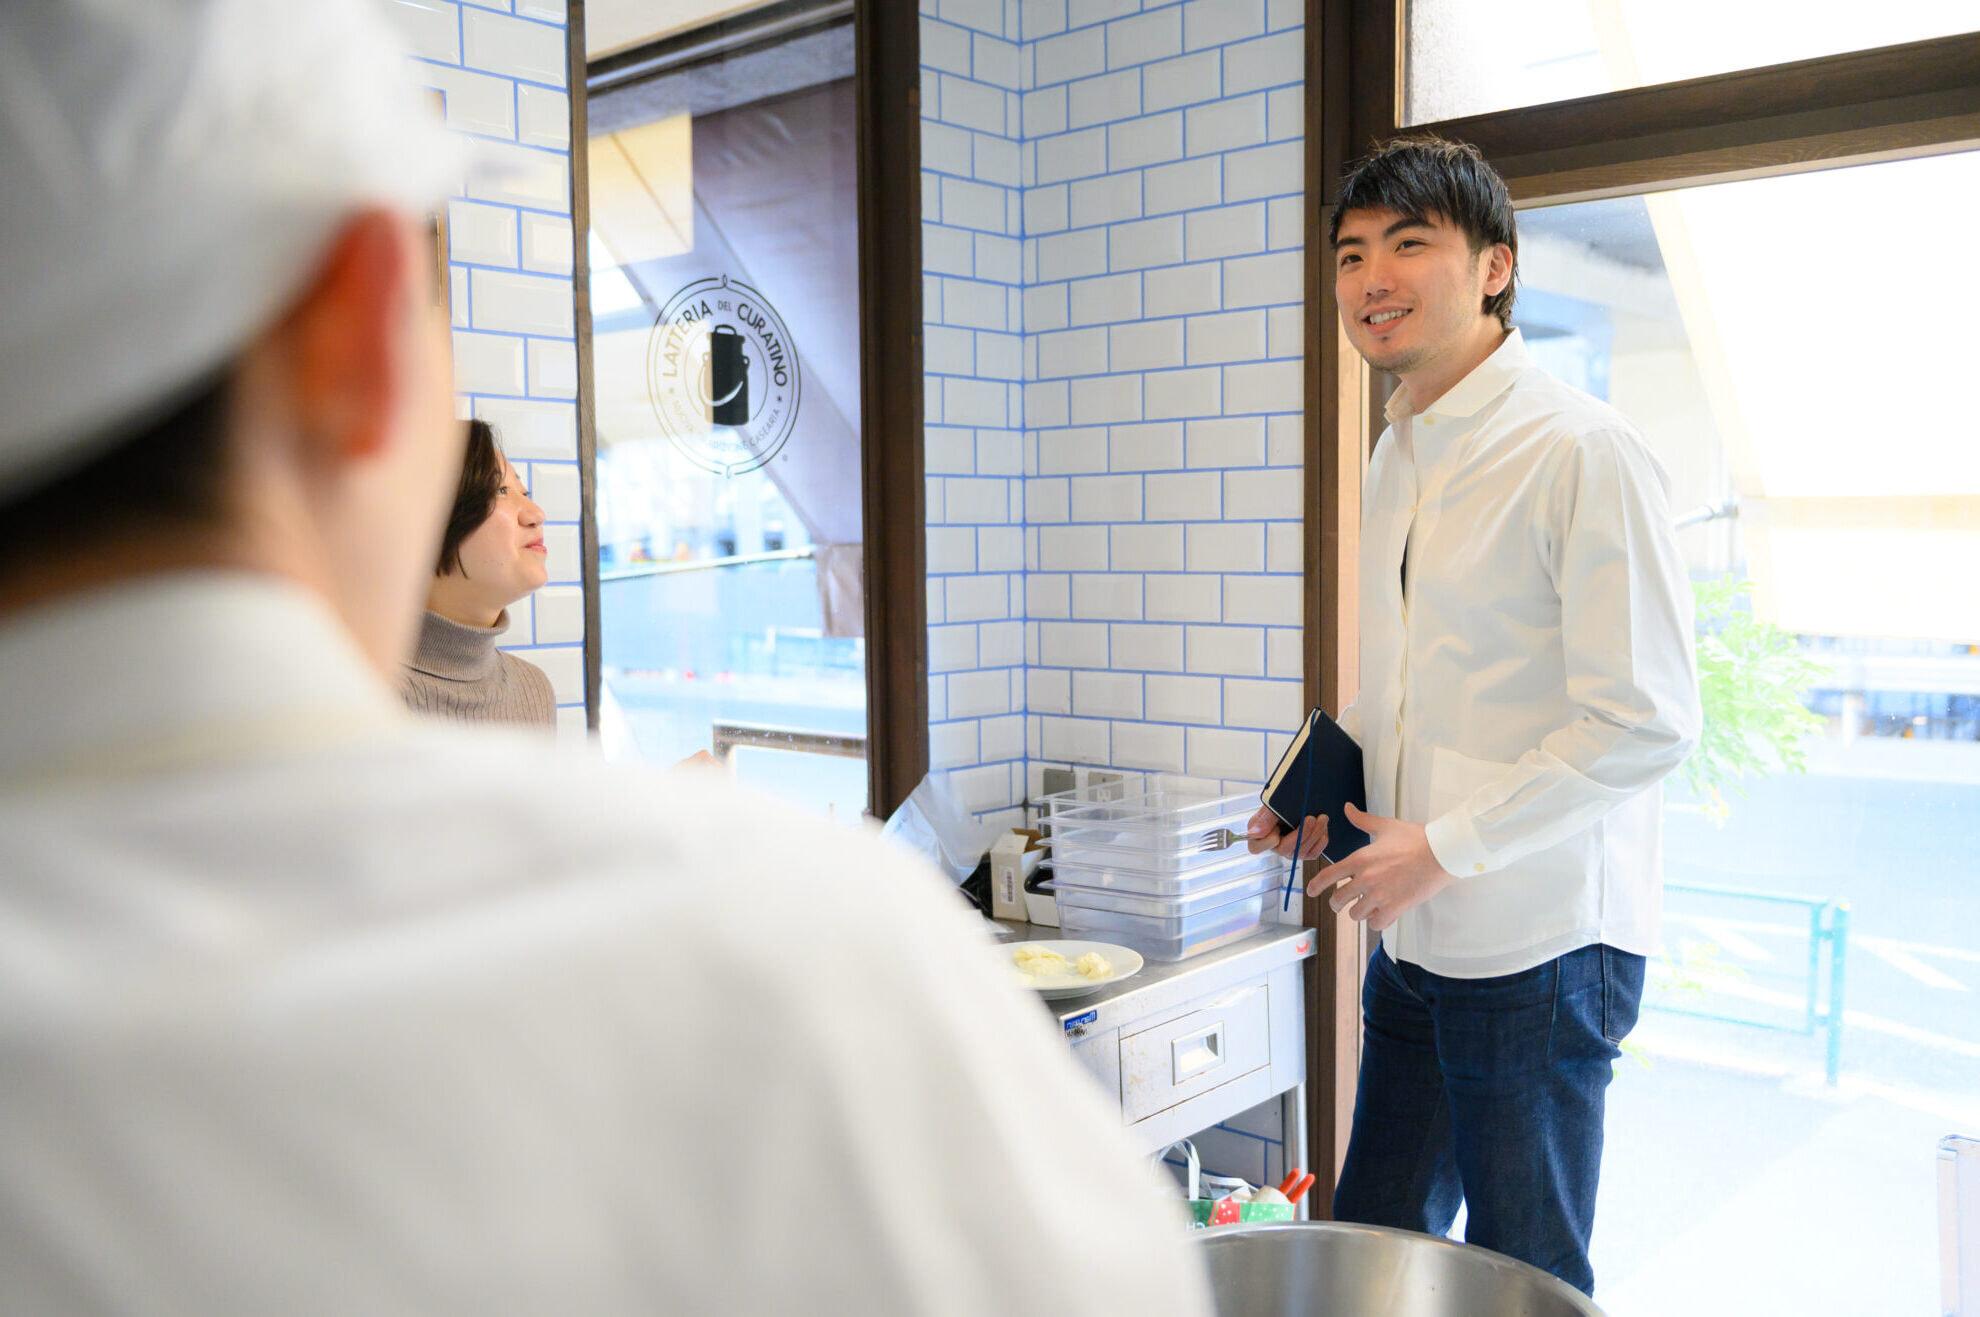 3rd Menu, Nakamura Tomonori, interview